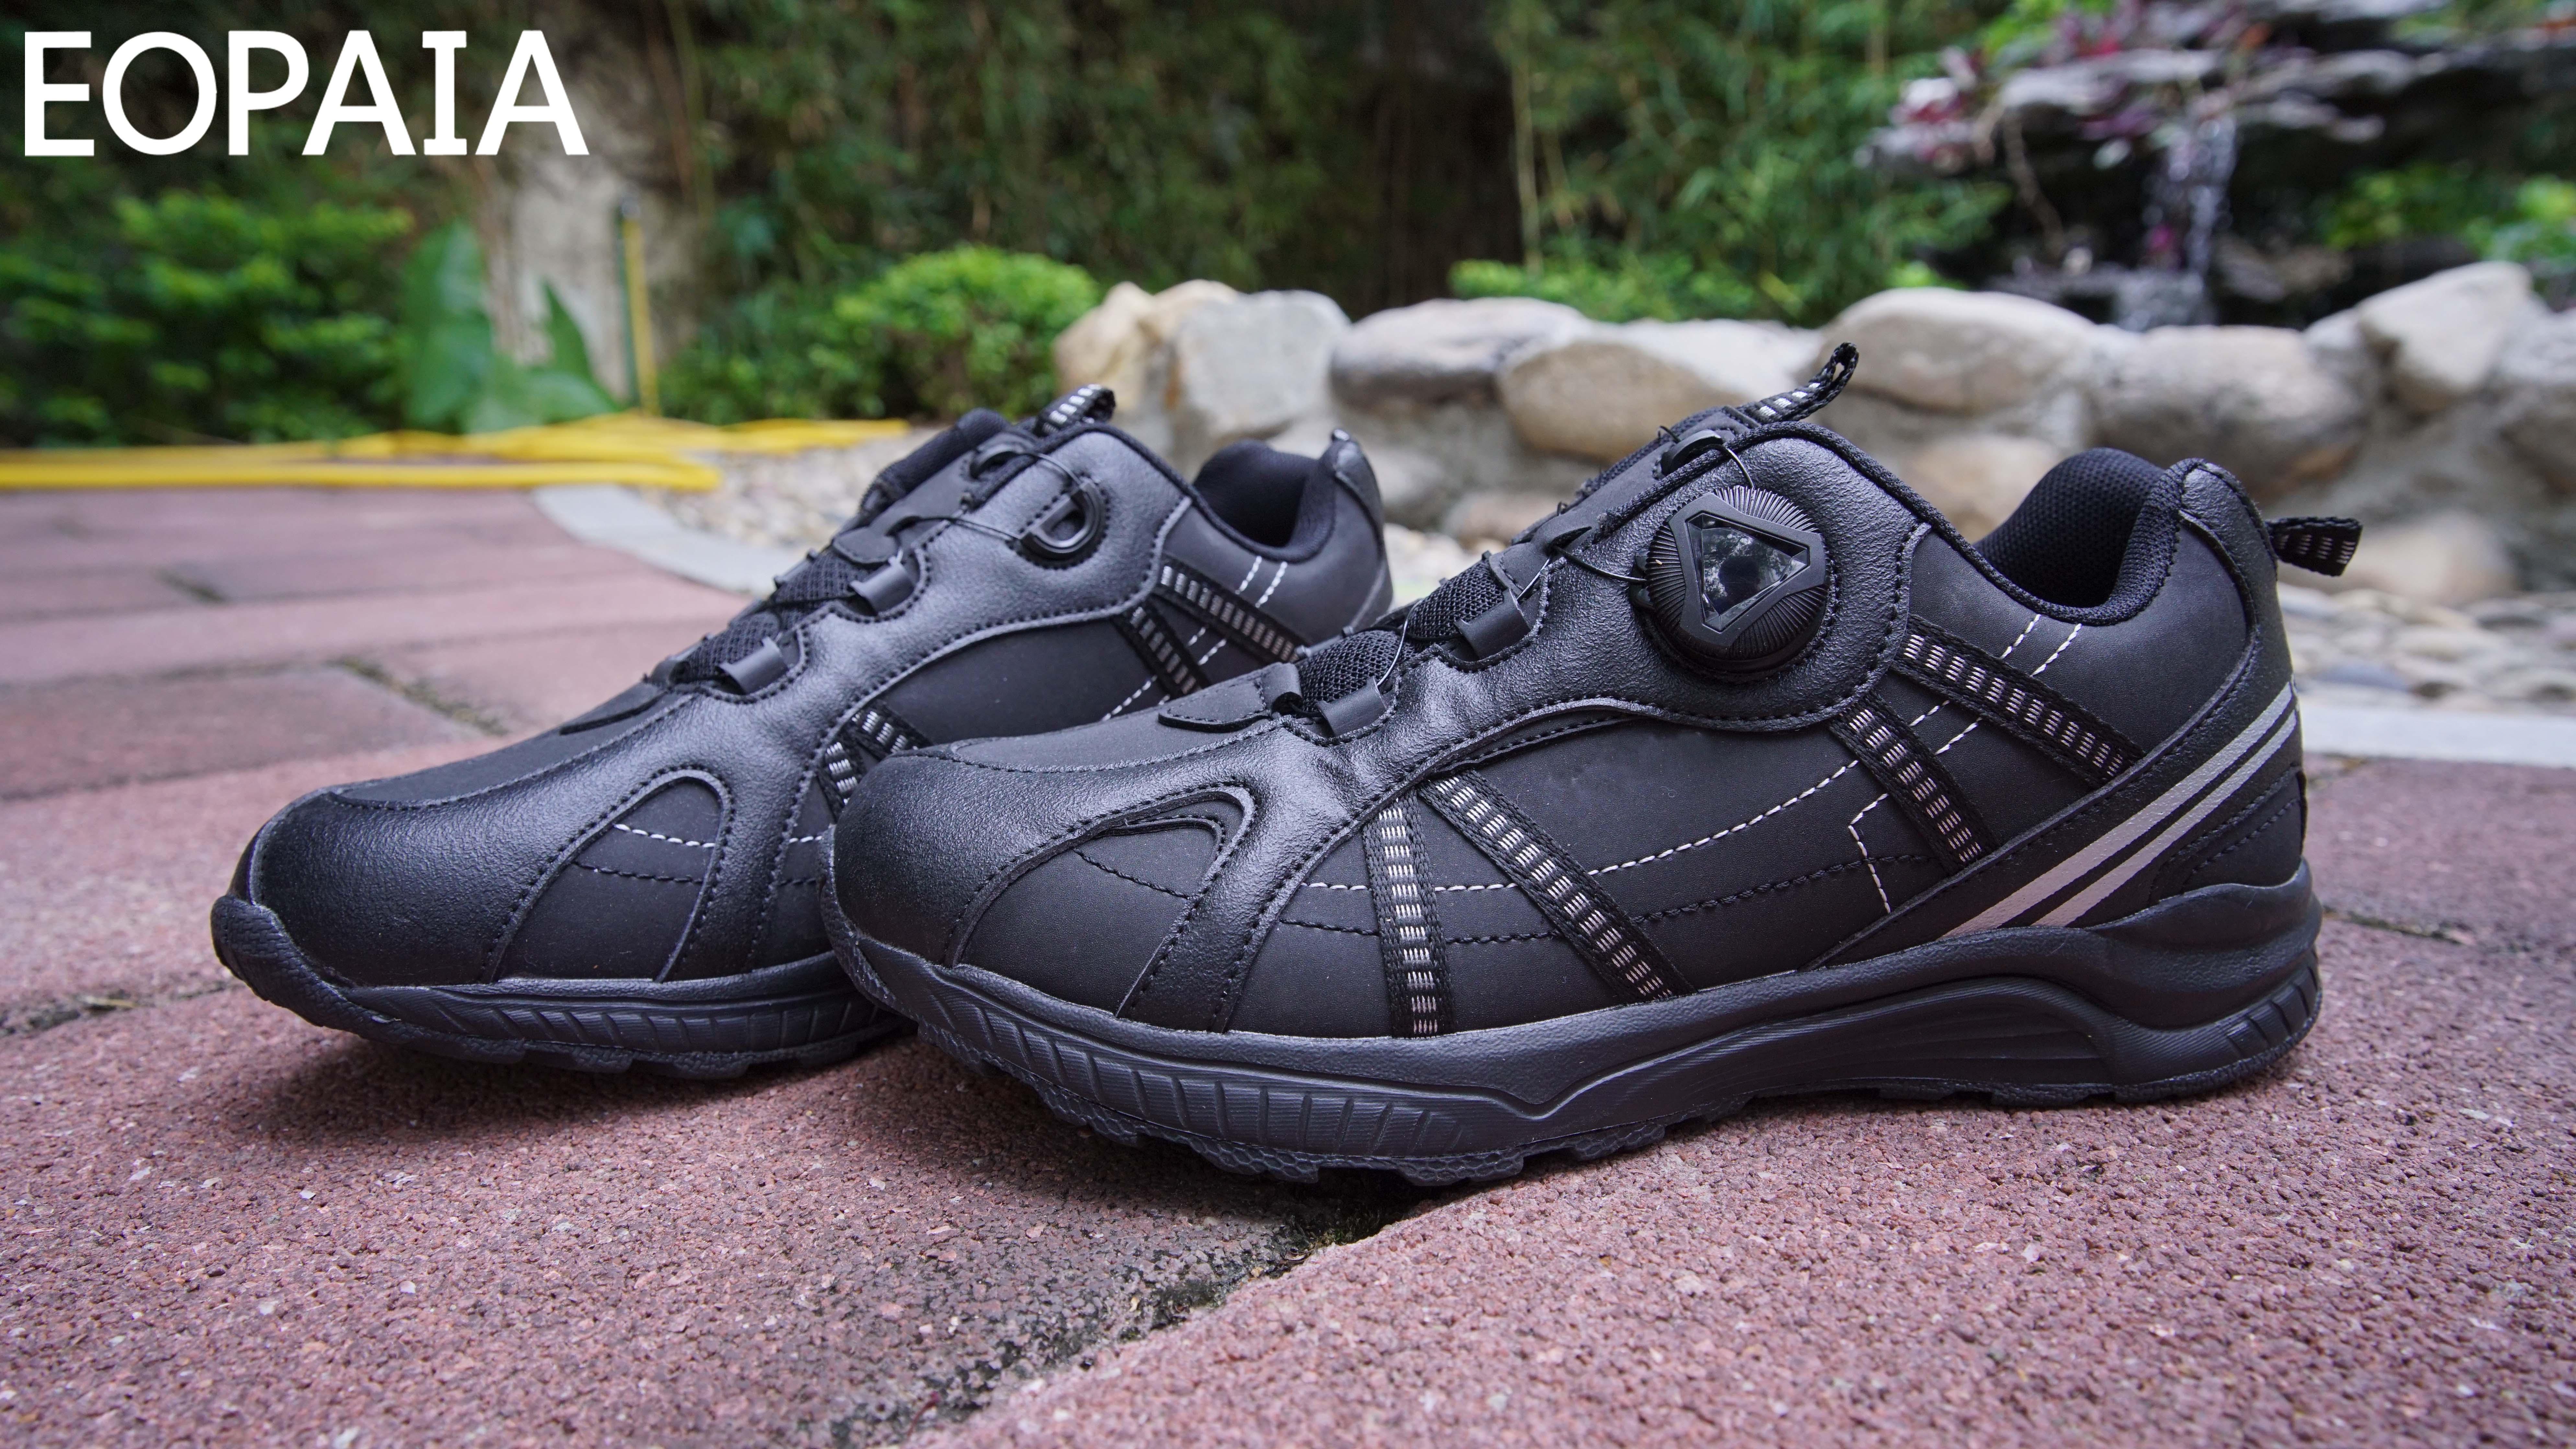 Chaussures d'alpinisme extérieures pour femmes